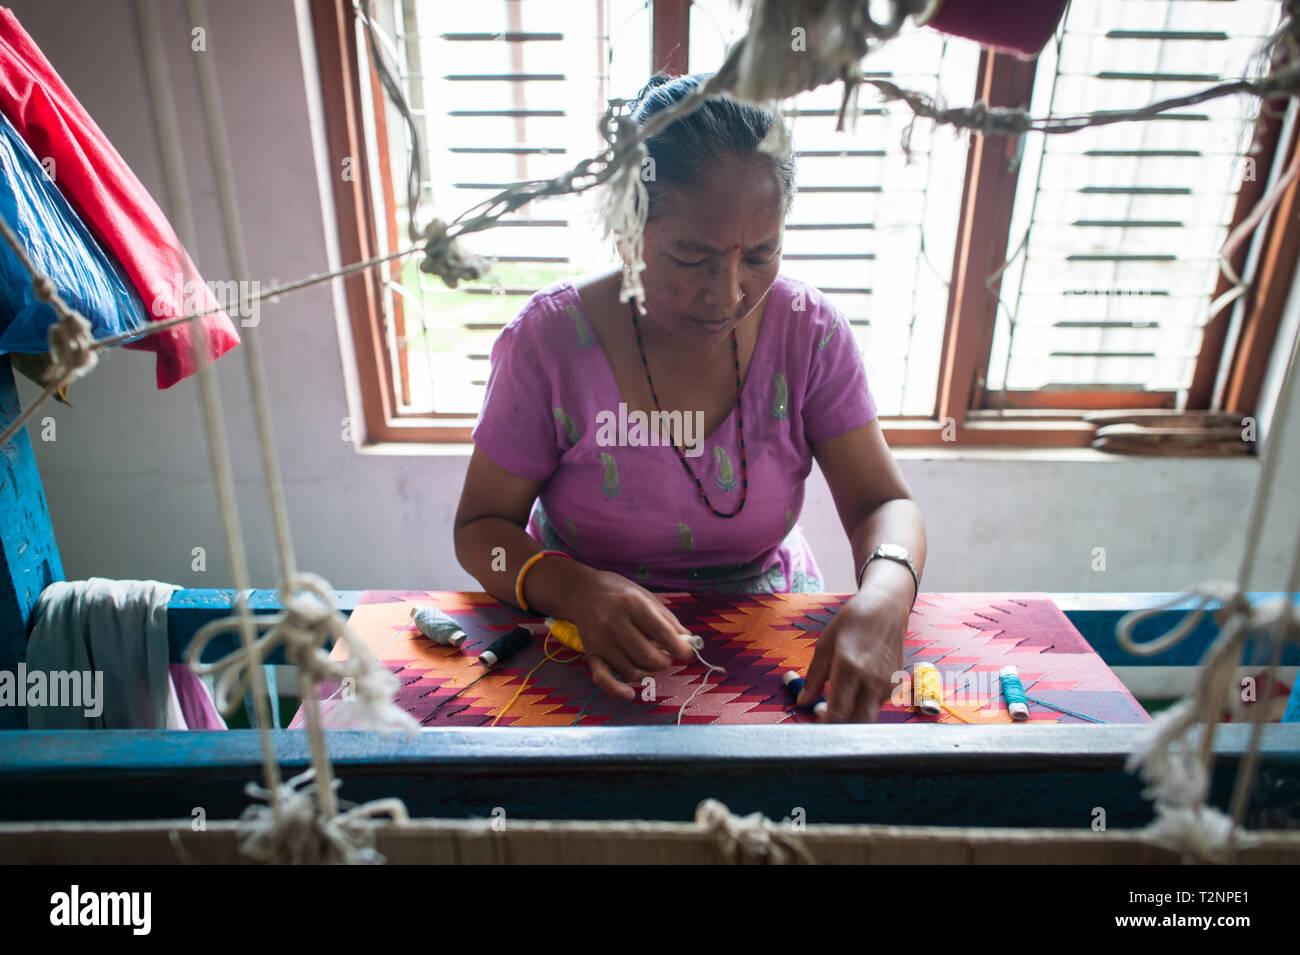 Una mujer nepalesa bordar seda y pashmina chales de lana de telar, en W.F. Nepal, una ONG que emplean mujeres marginalizadas sobre una base de igualdad de derechos. Imagen De Stock